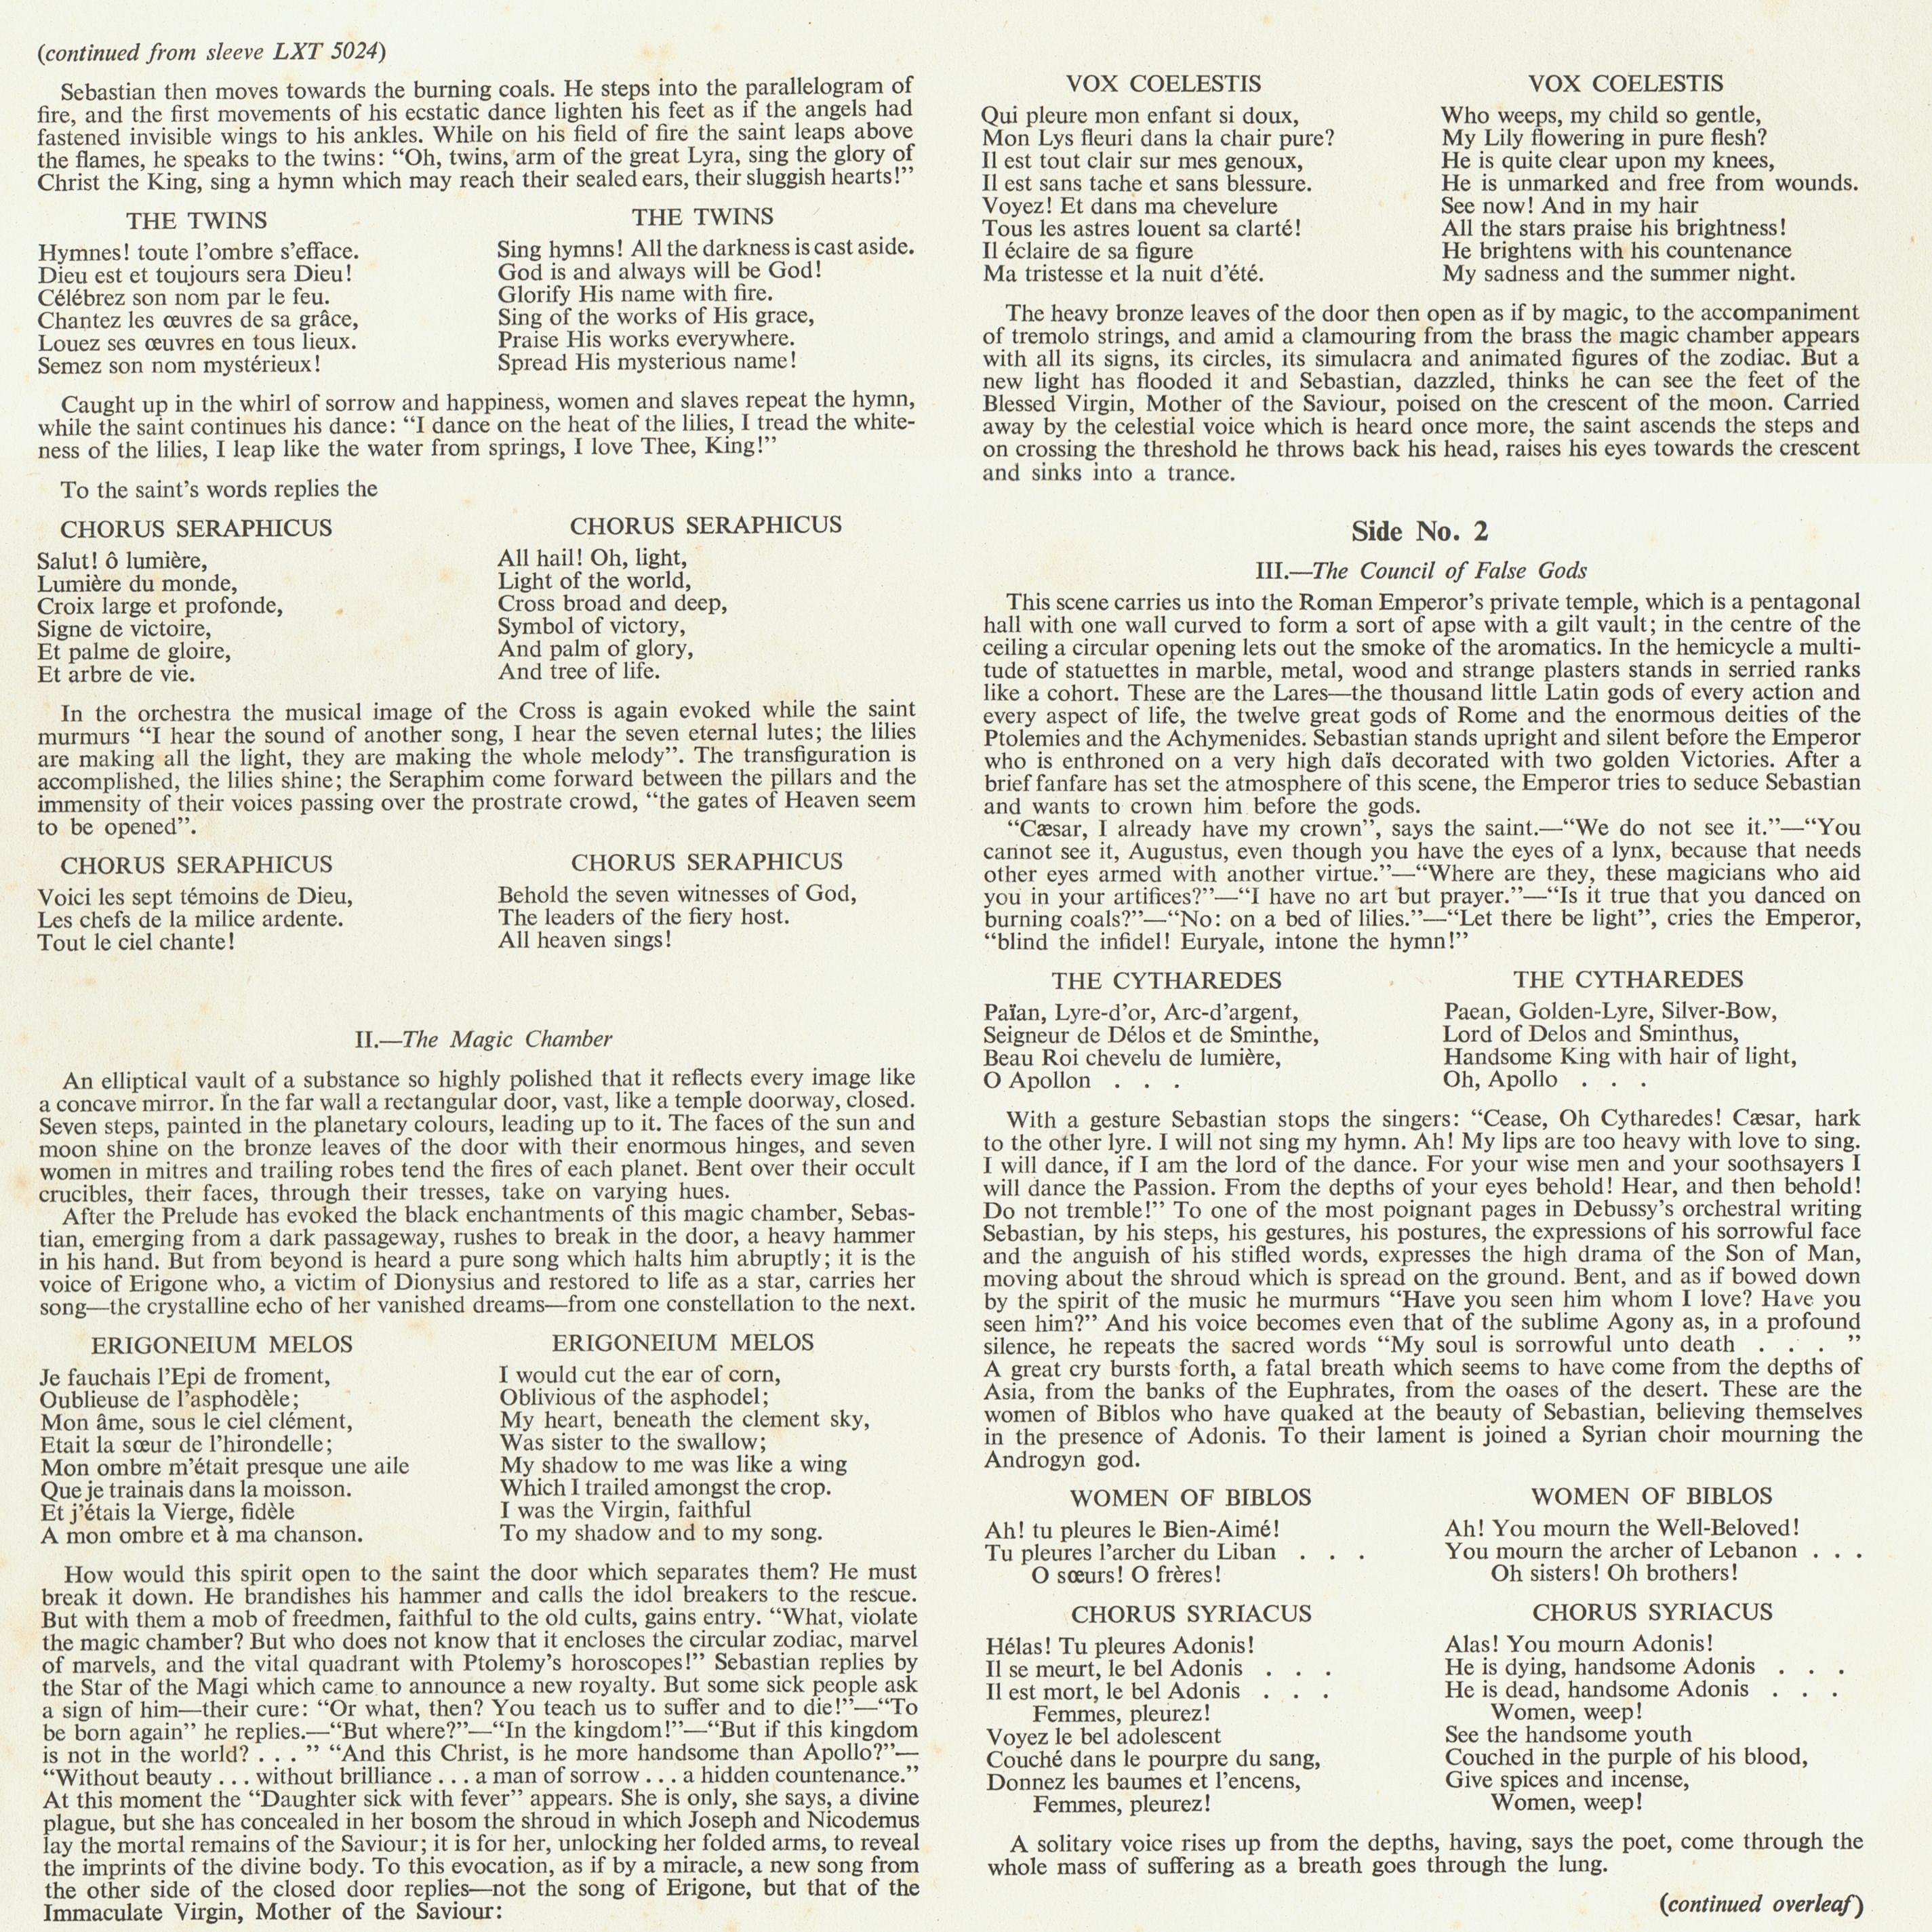 Claude DEBUSSY, Le Martyre de saint Sébastien, OSR, Ernest ANSERMET, 1954, recto insert disque LXT 5024